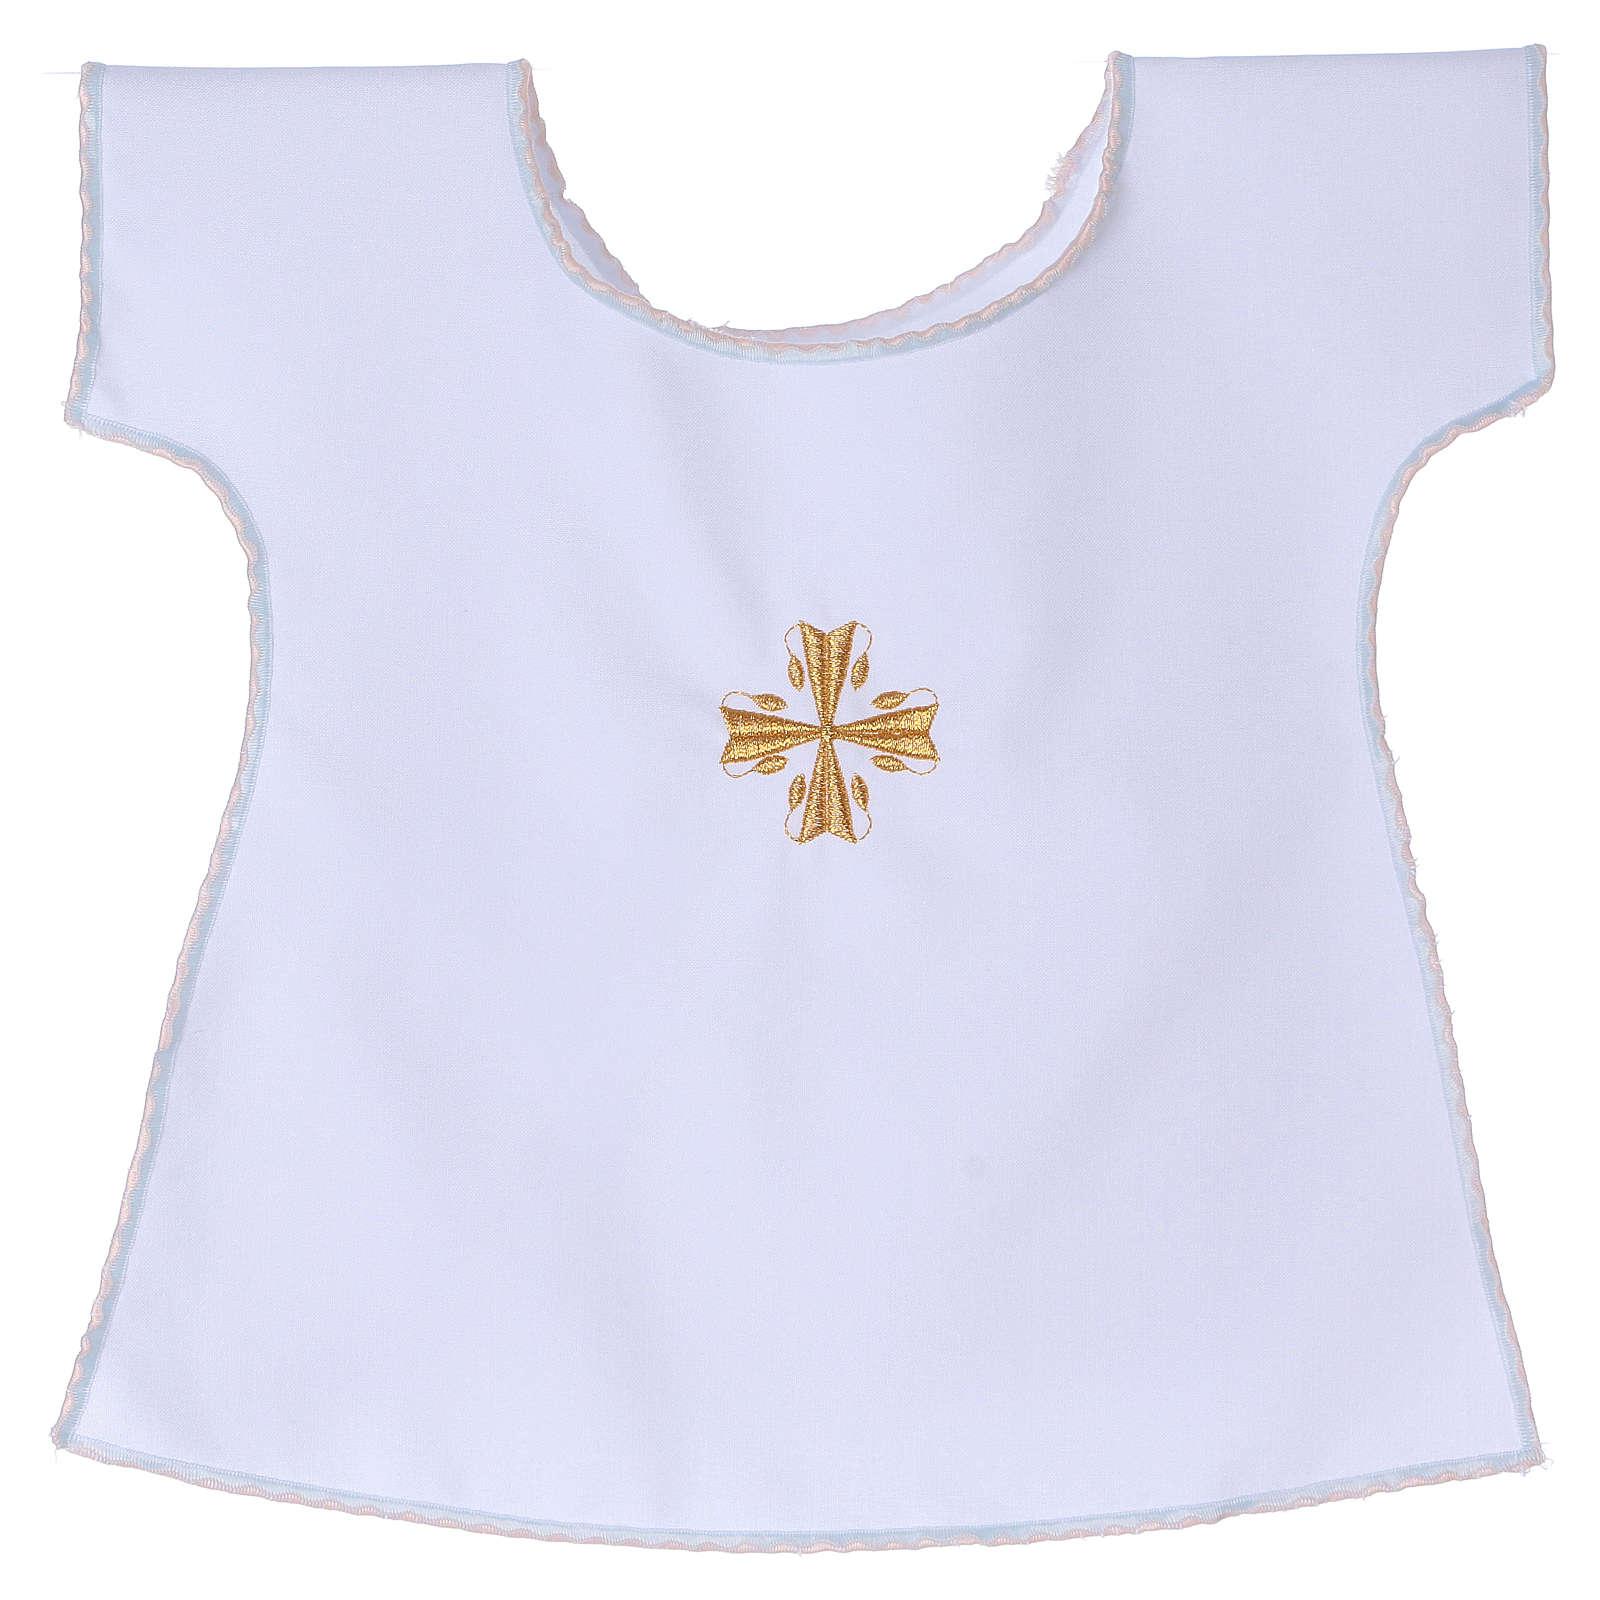 Vestido Bautismo Cruz 65% poliéster 35% algodón 4